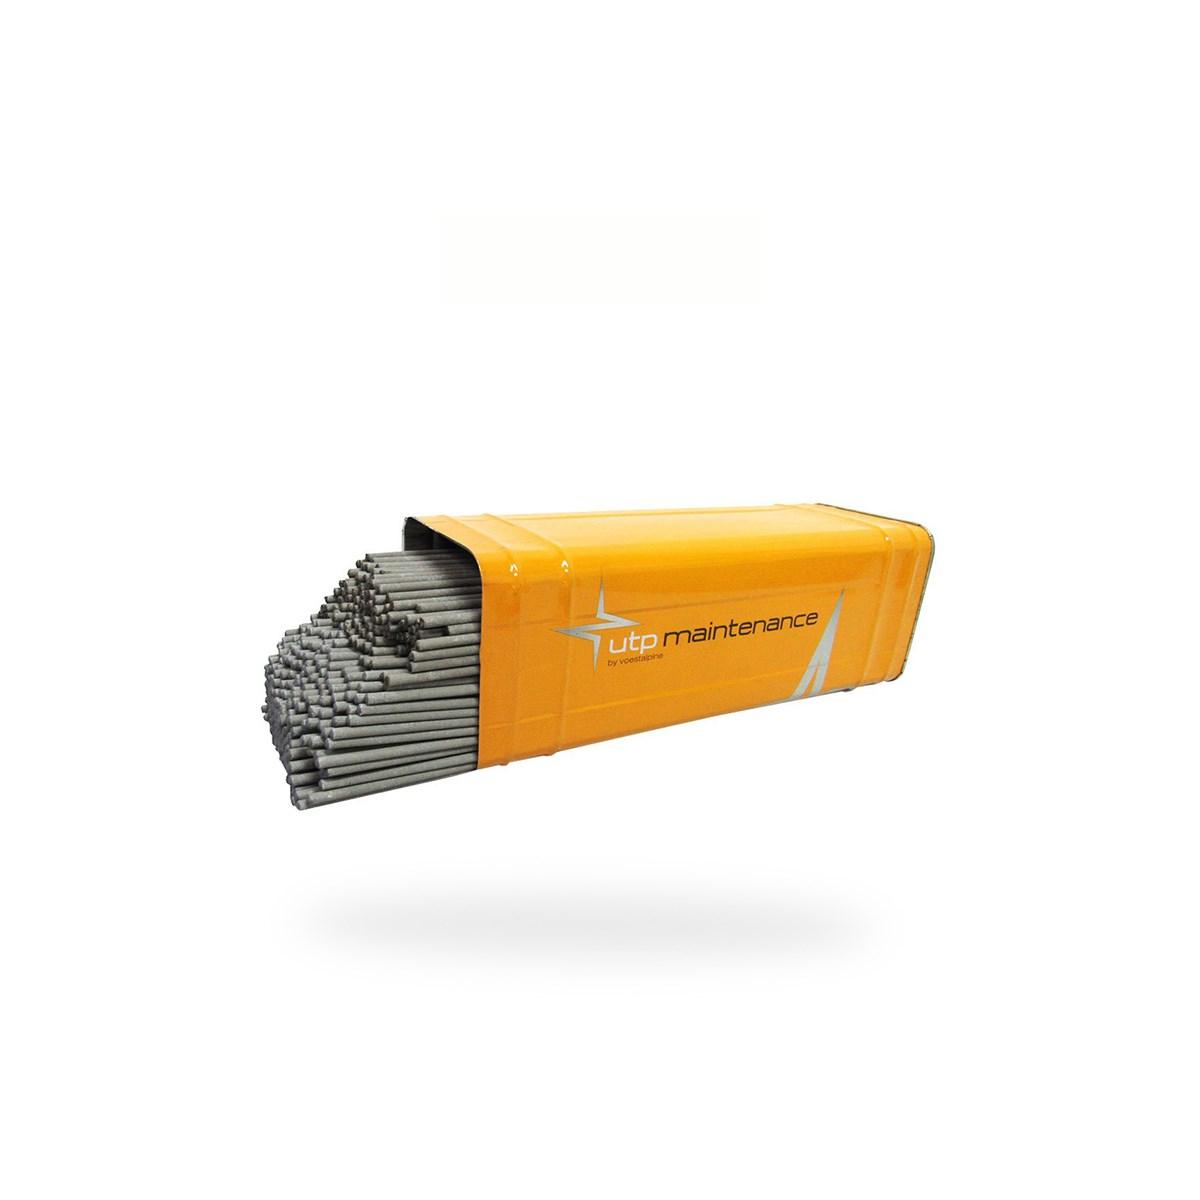 ELETRODO E7018 1UPERFORM7018 4,00X350MM LT-25KG